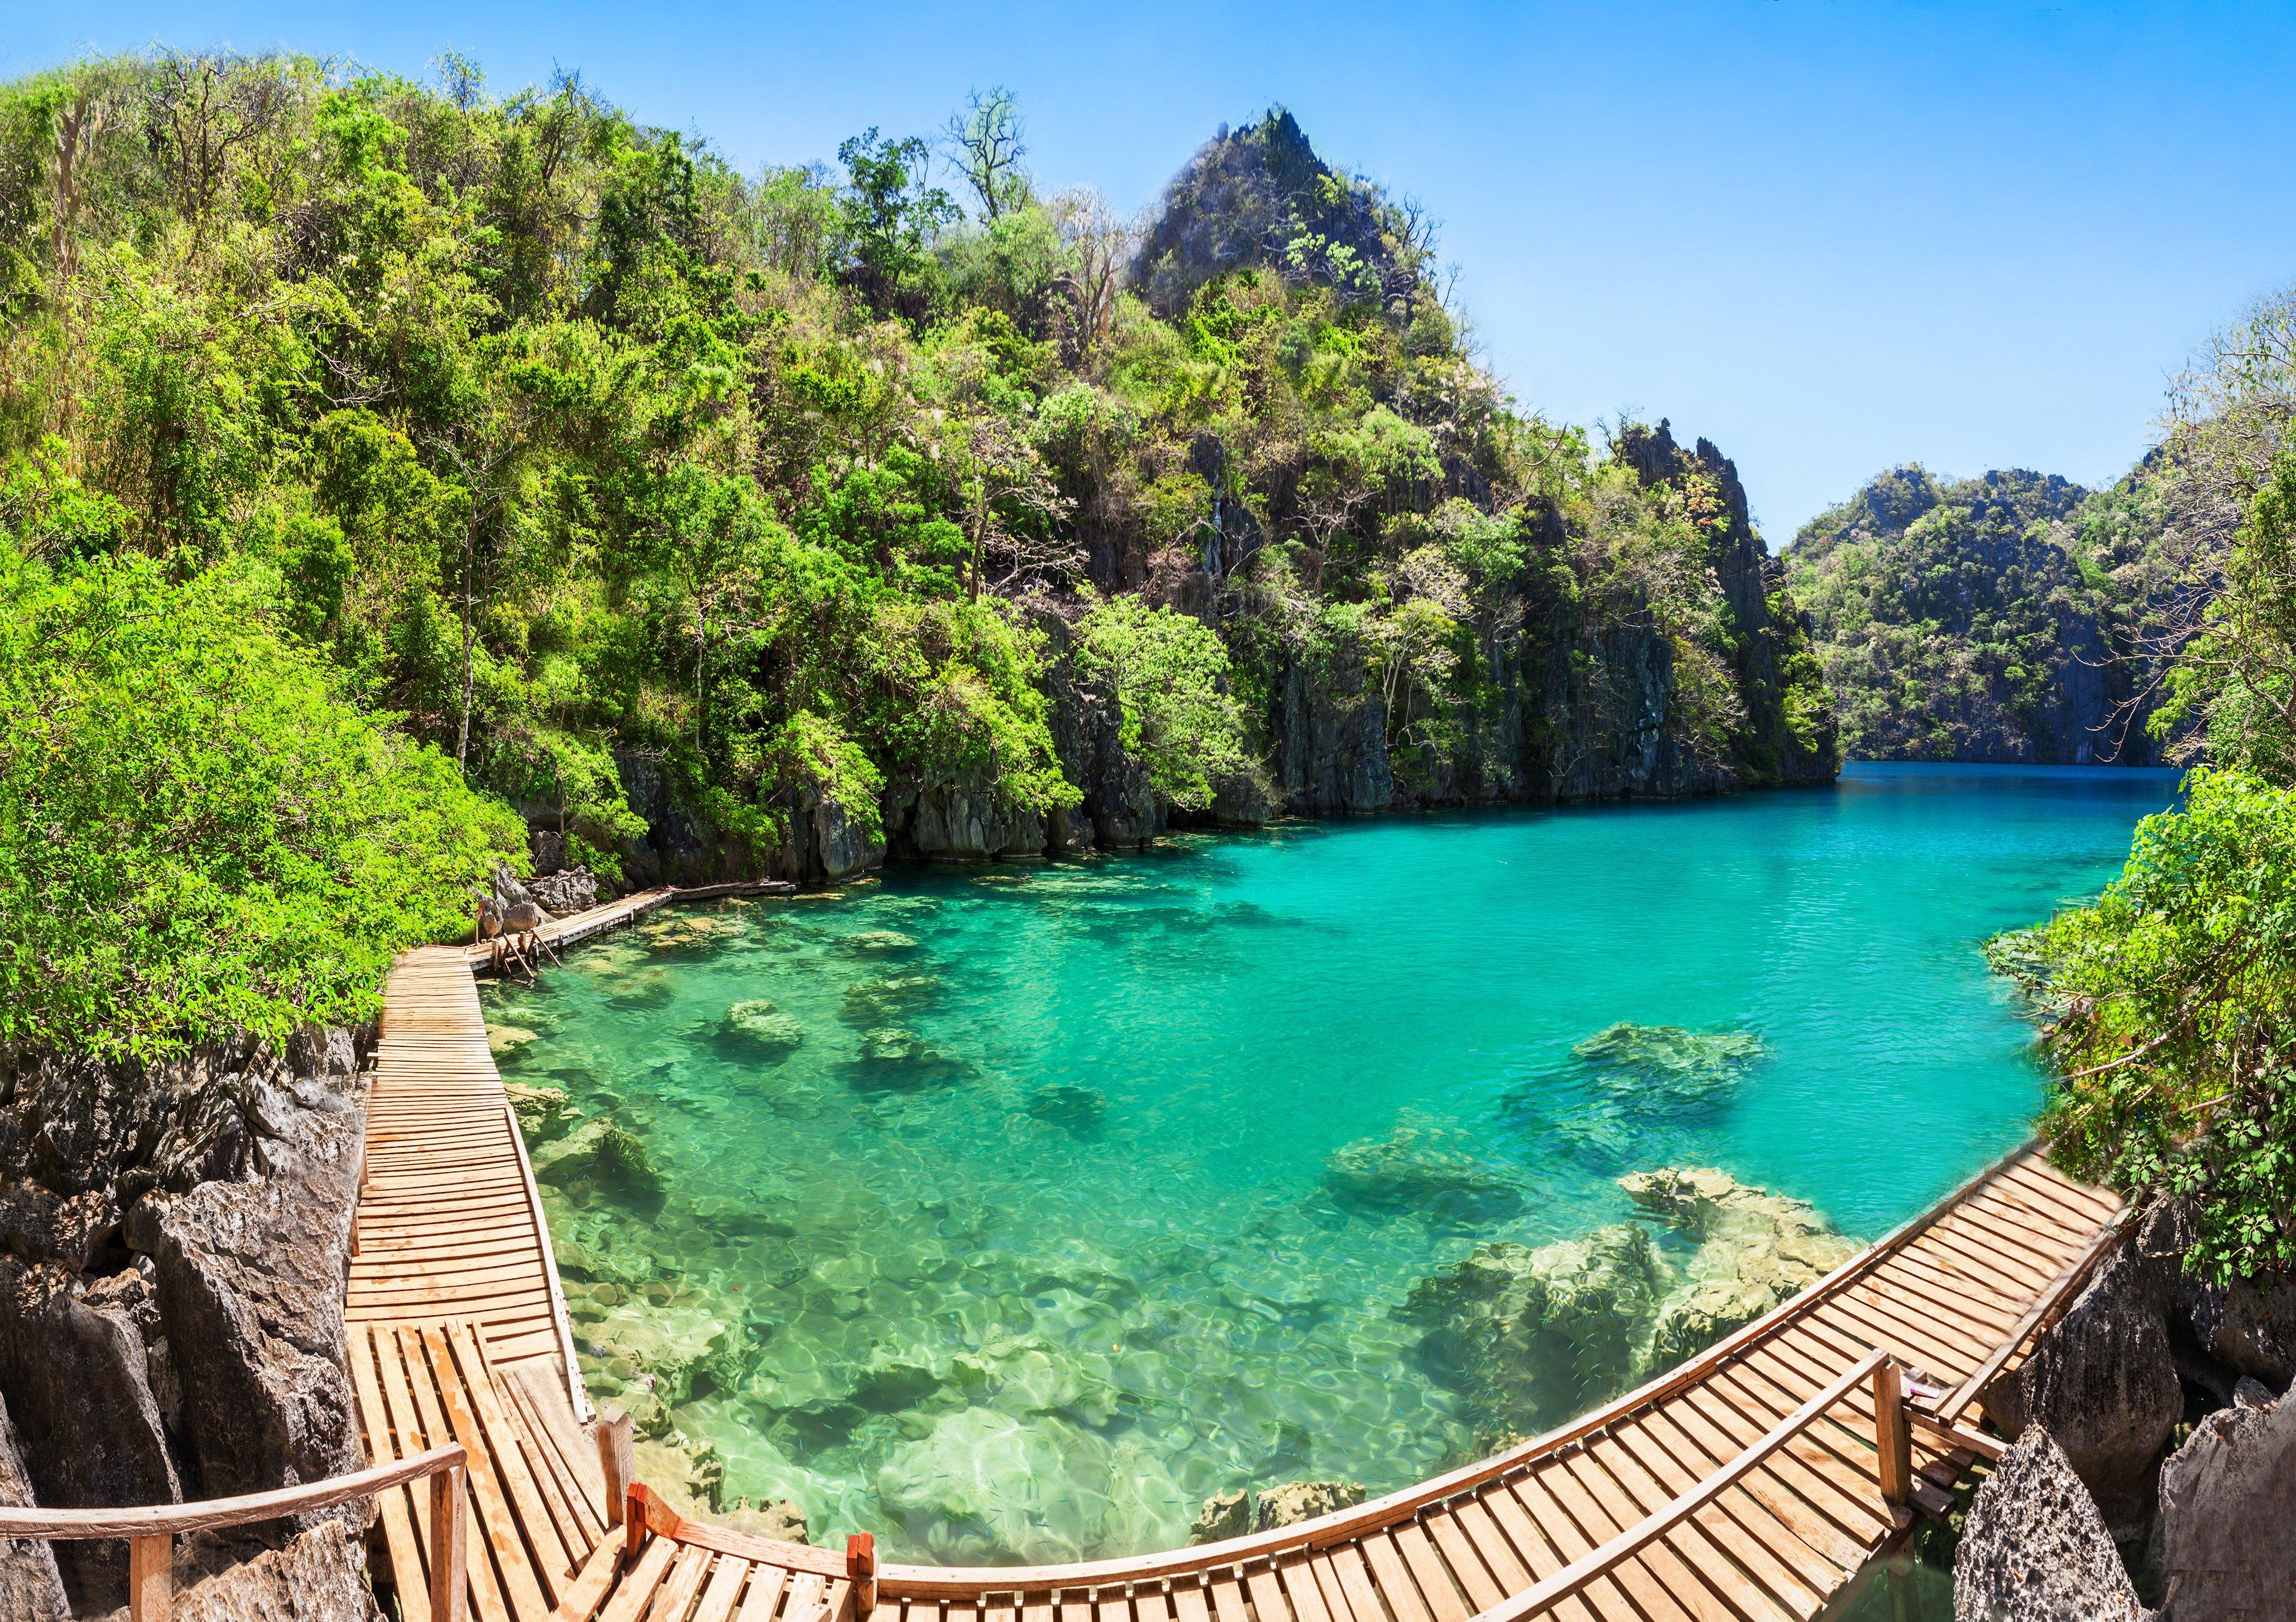 Escursione al Lago Kayangan di Coron